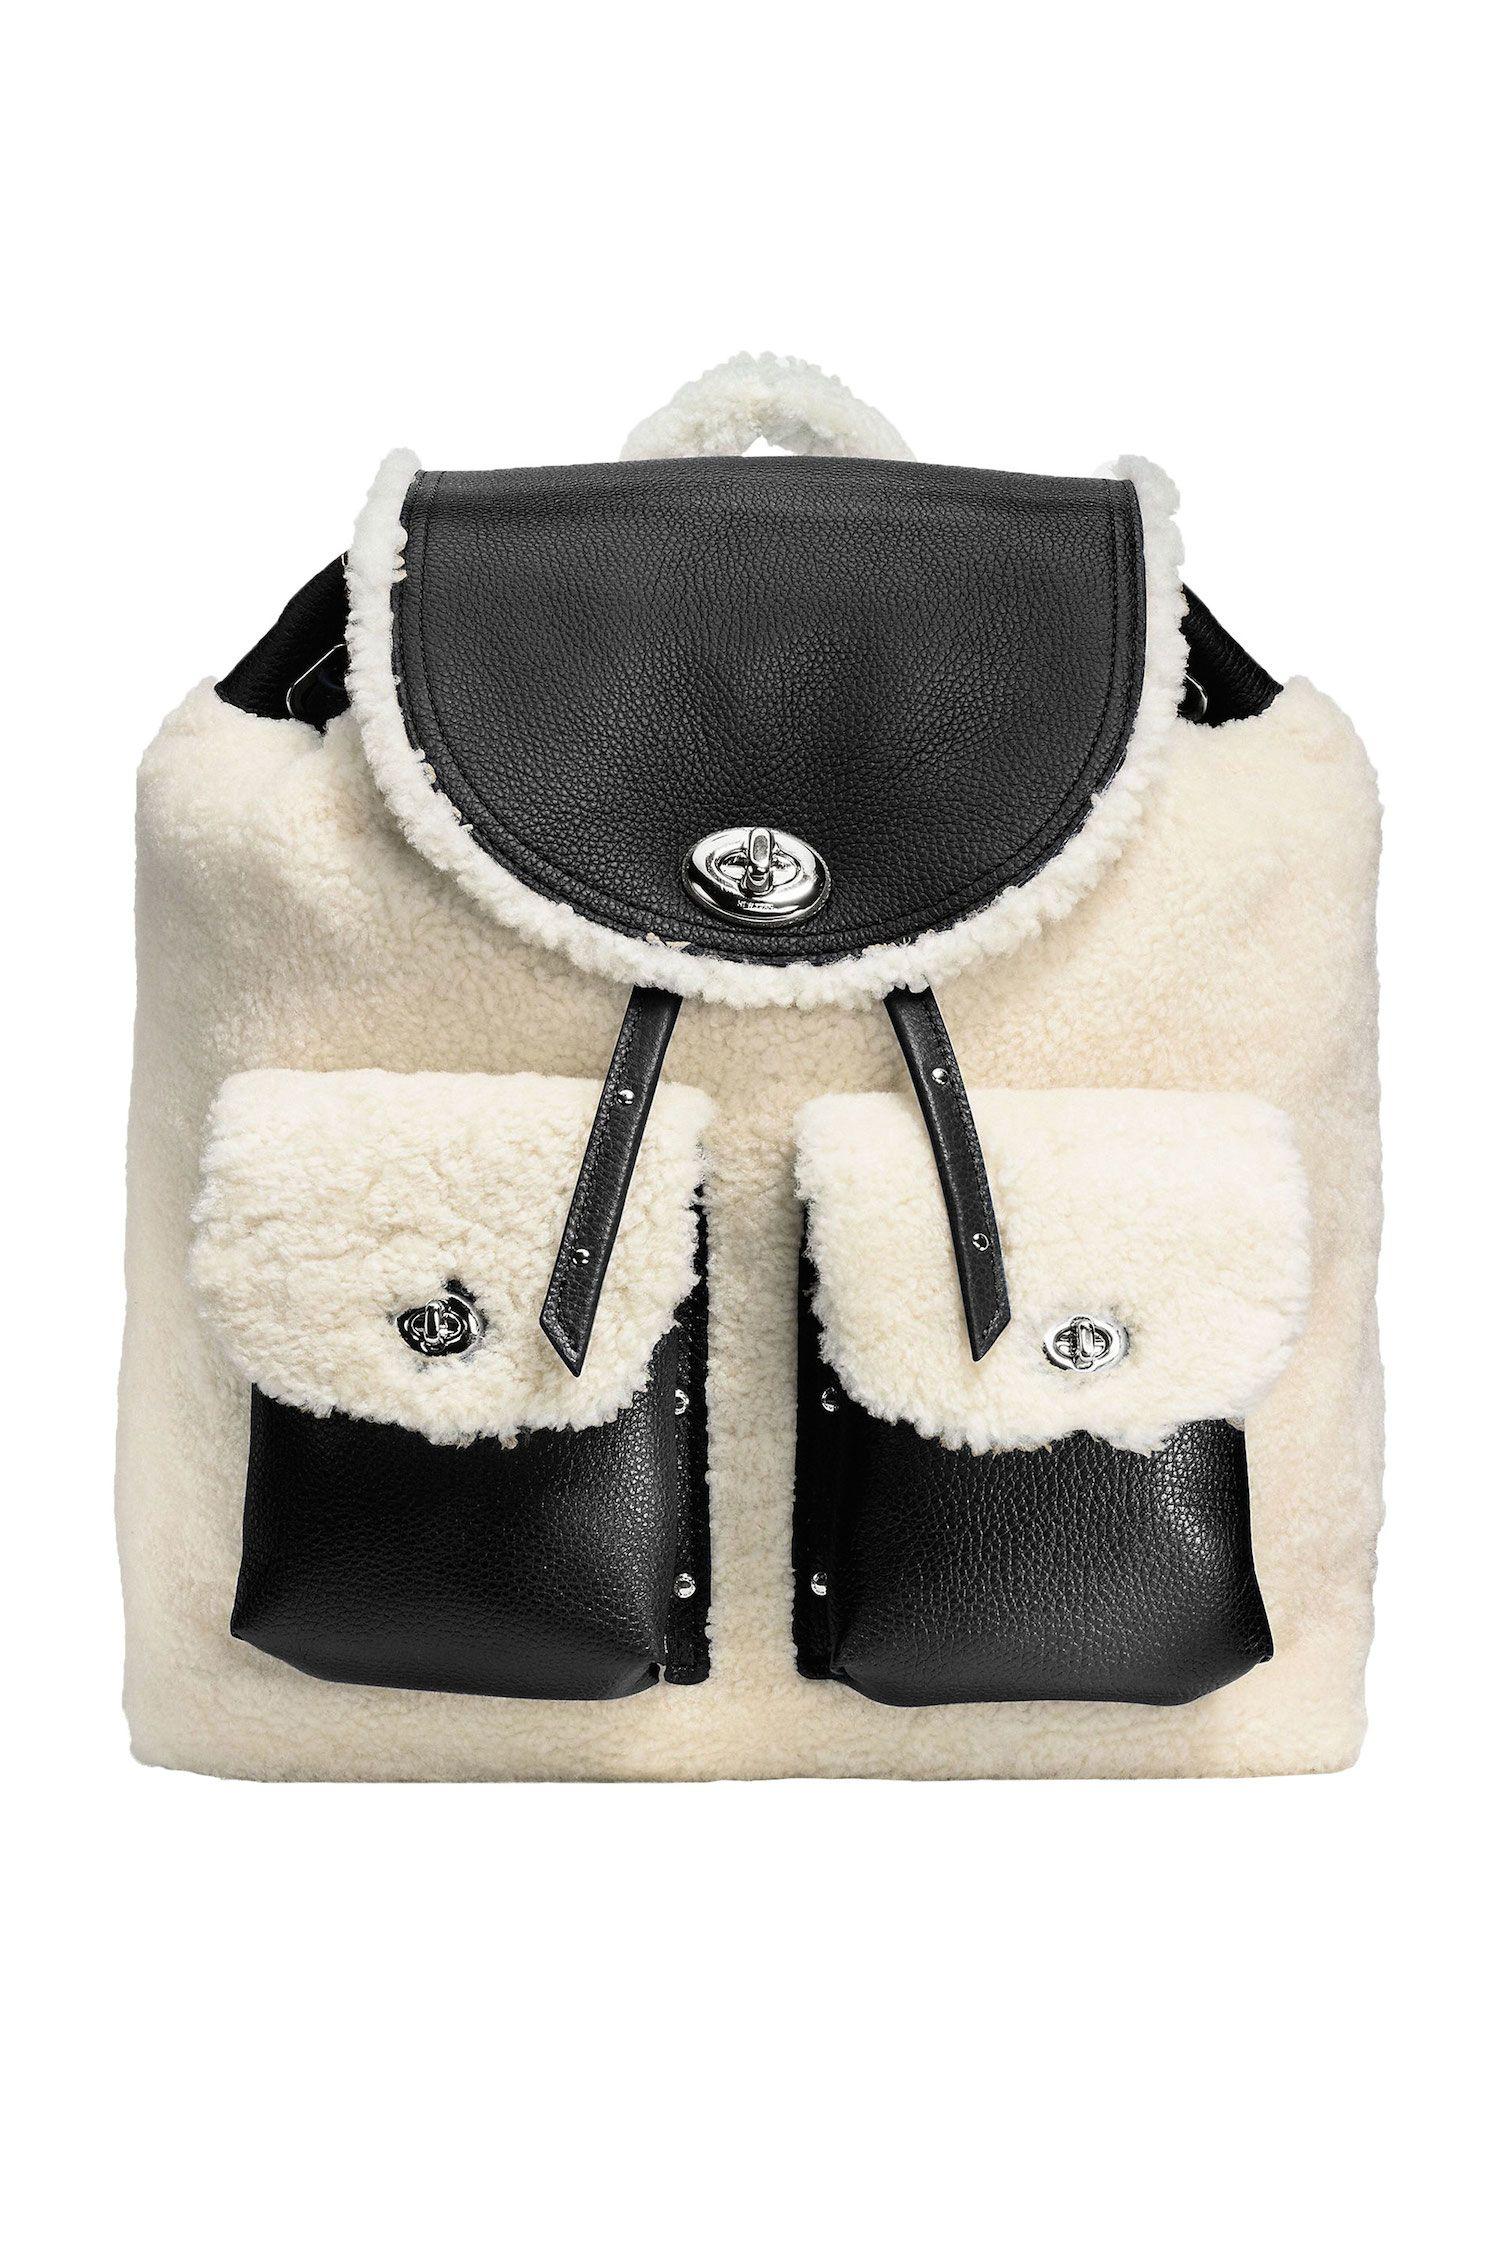 """<p><em>Coach Turnlock Tie Rucksack, $550, <a href=""""http://www.coach.com/coach-designer-backpacks-turnlock-tie-rucksack-in-shearling/36484.html?cid=D_B_HBZ_9910"""" target=""""_blank"""">coach.com</a>.</em></p>"""